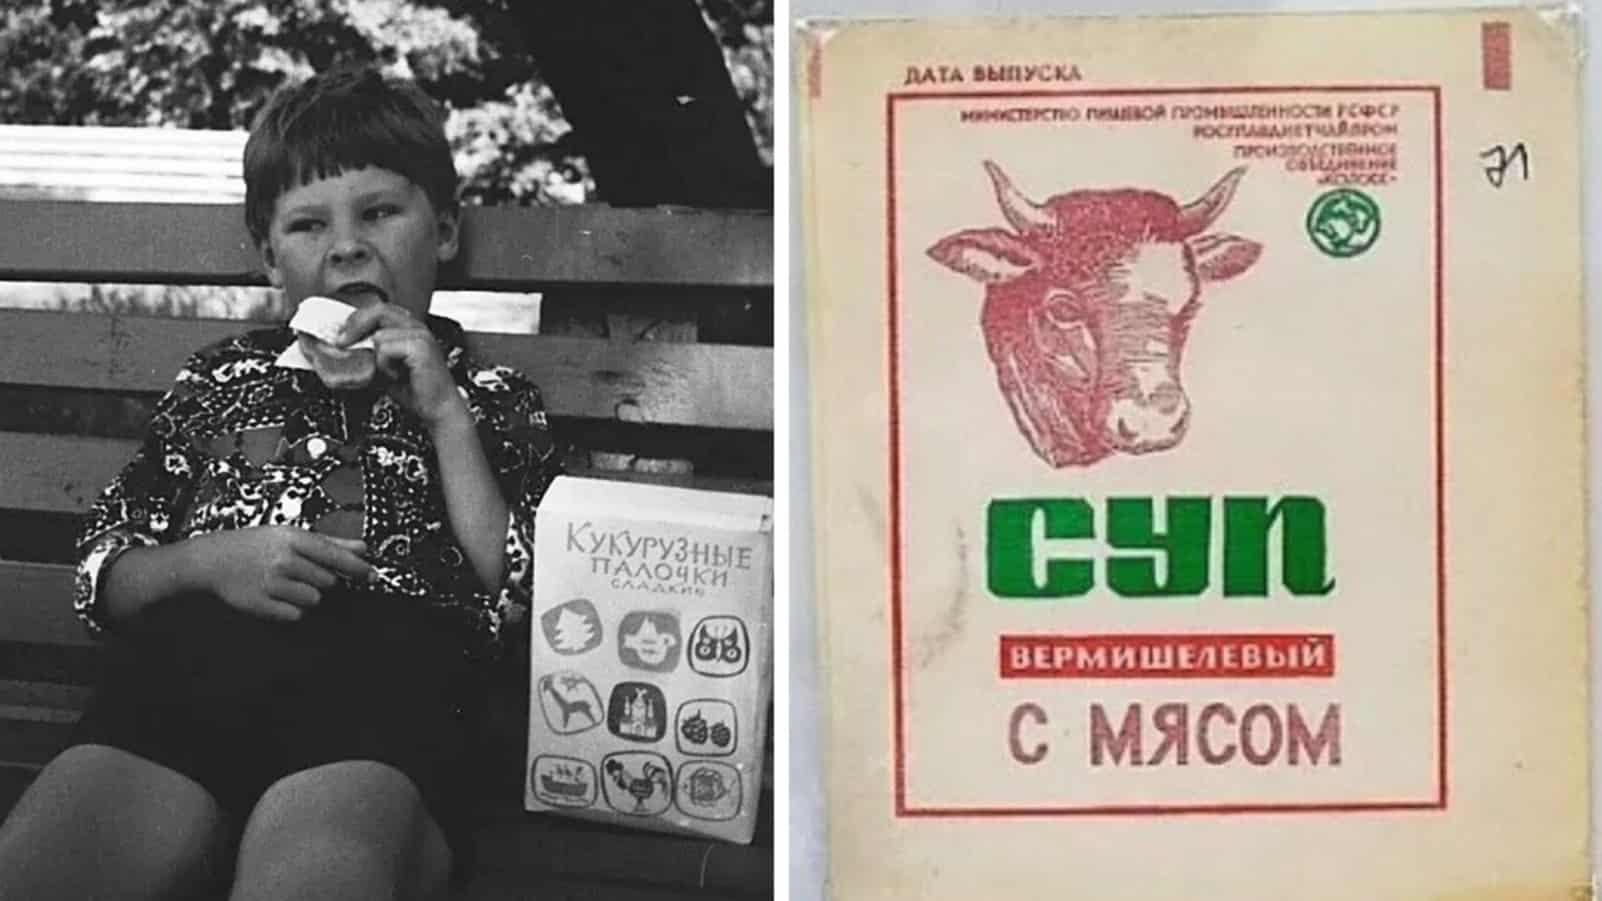 Быстрые супы, чипсы и бульонные кубики Made in USSR которые не считались вредными